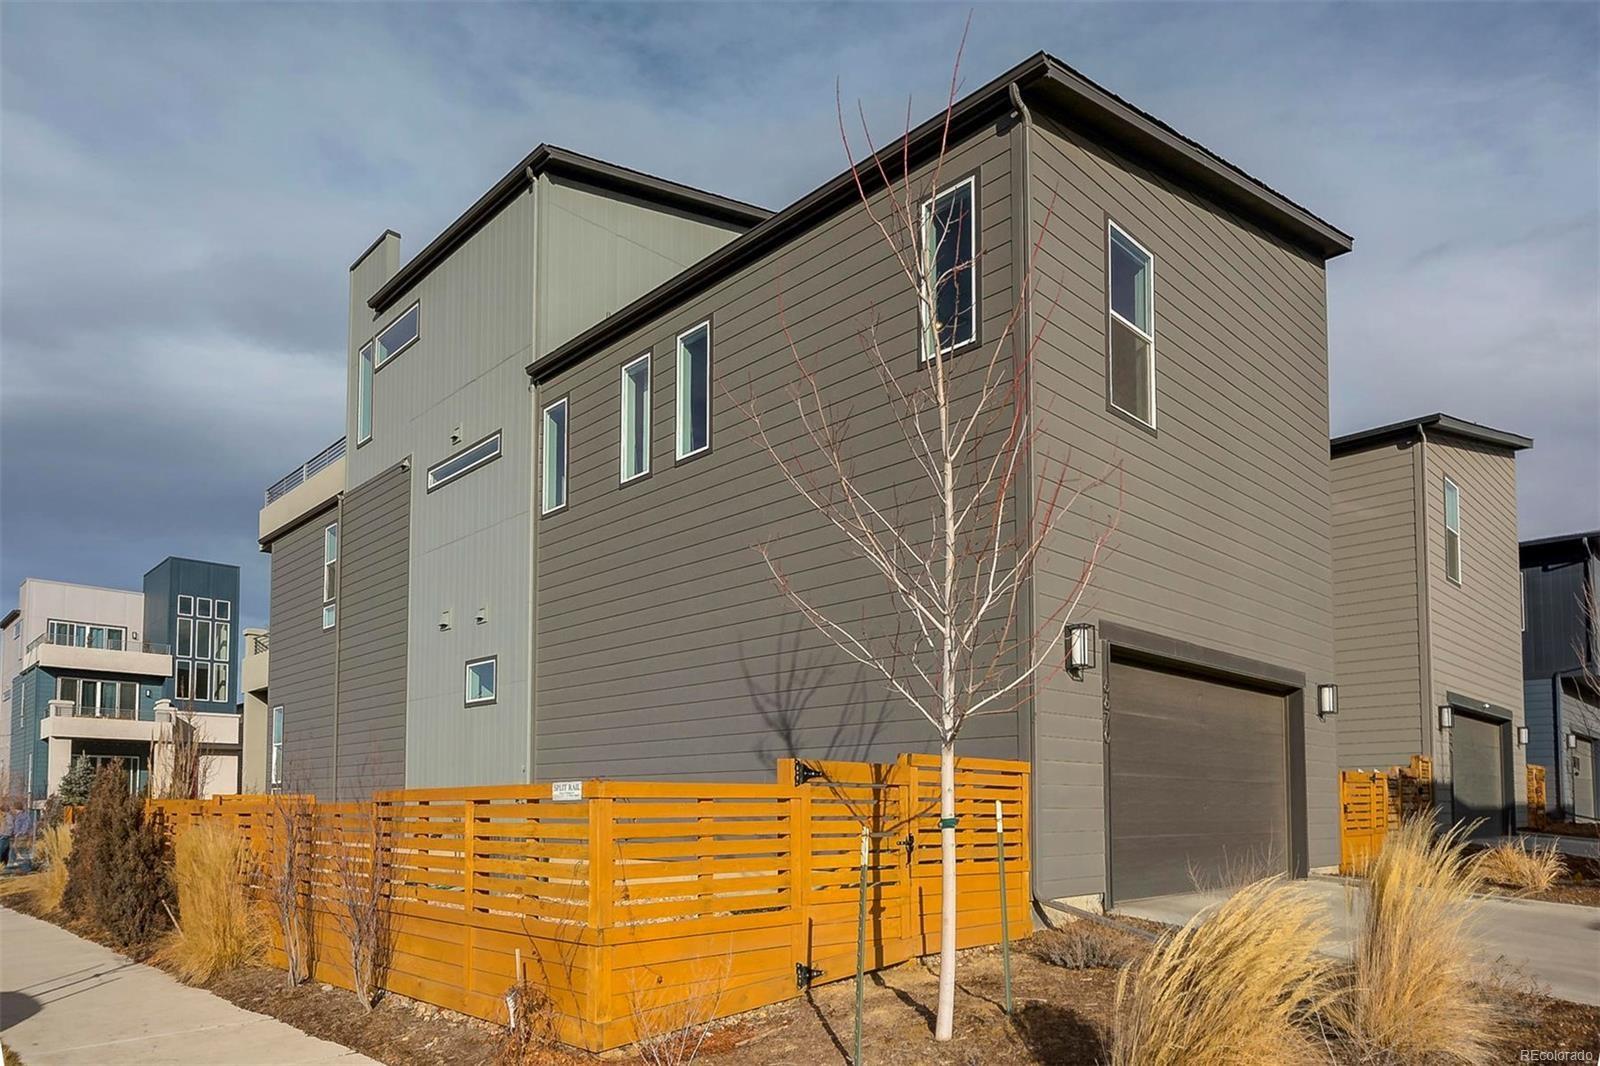 MLS# 7297761 - 34 - 6670 Fern Drive, Denver, CO 80221